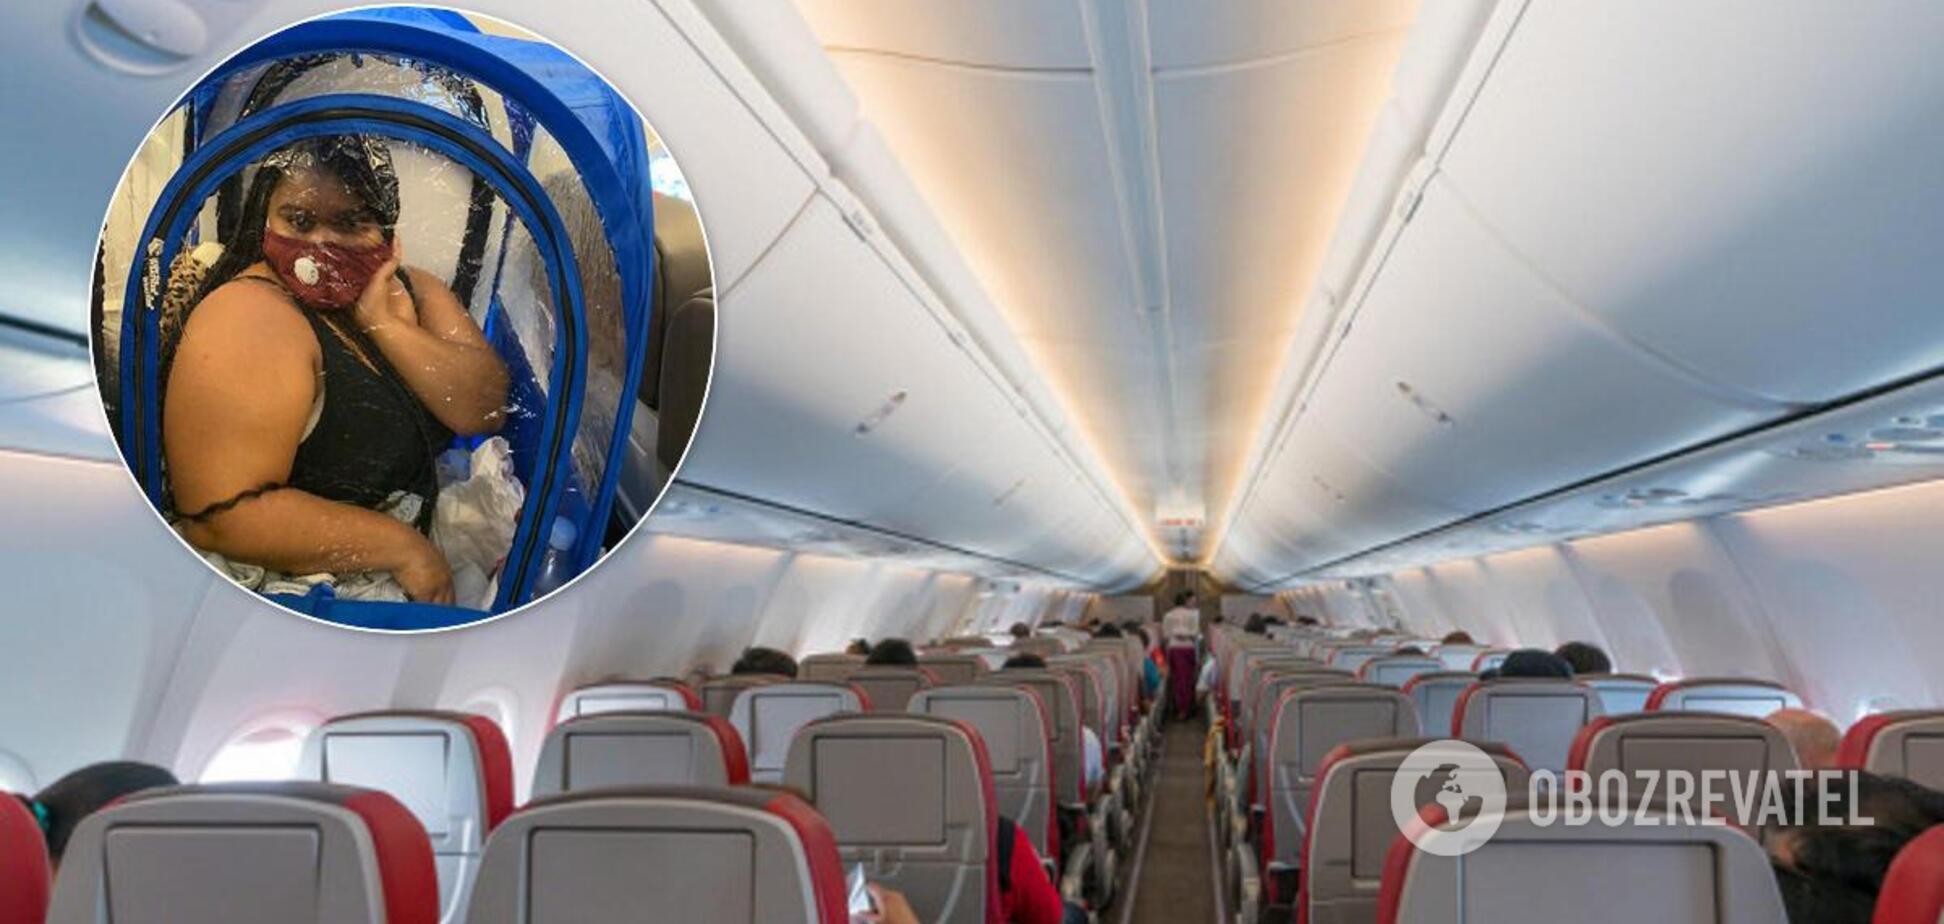 Пассажирка разбила в самолете палатку из-за коронавируса. Фото